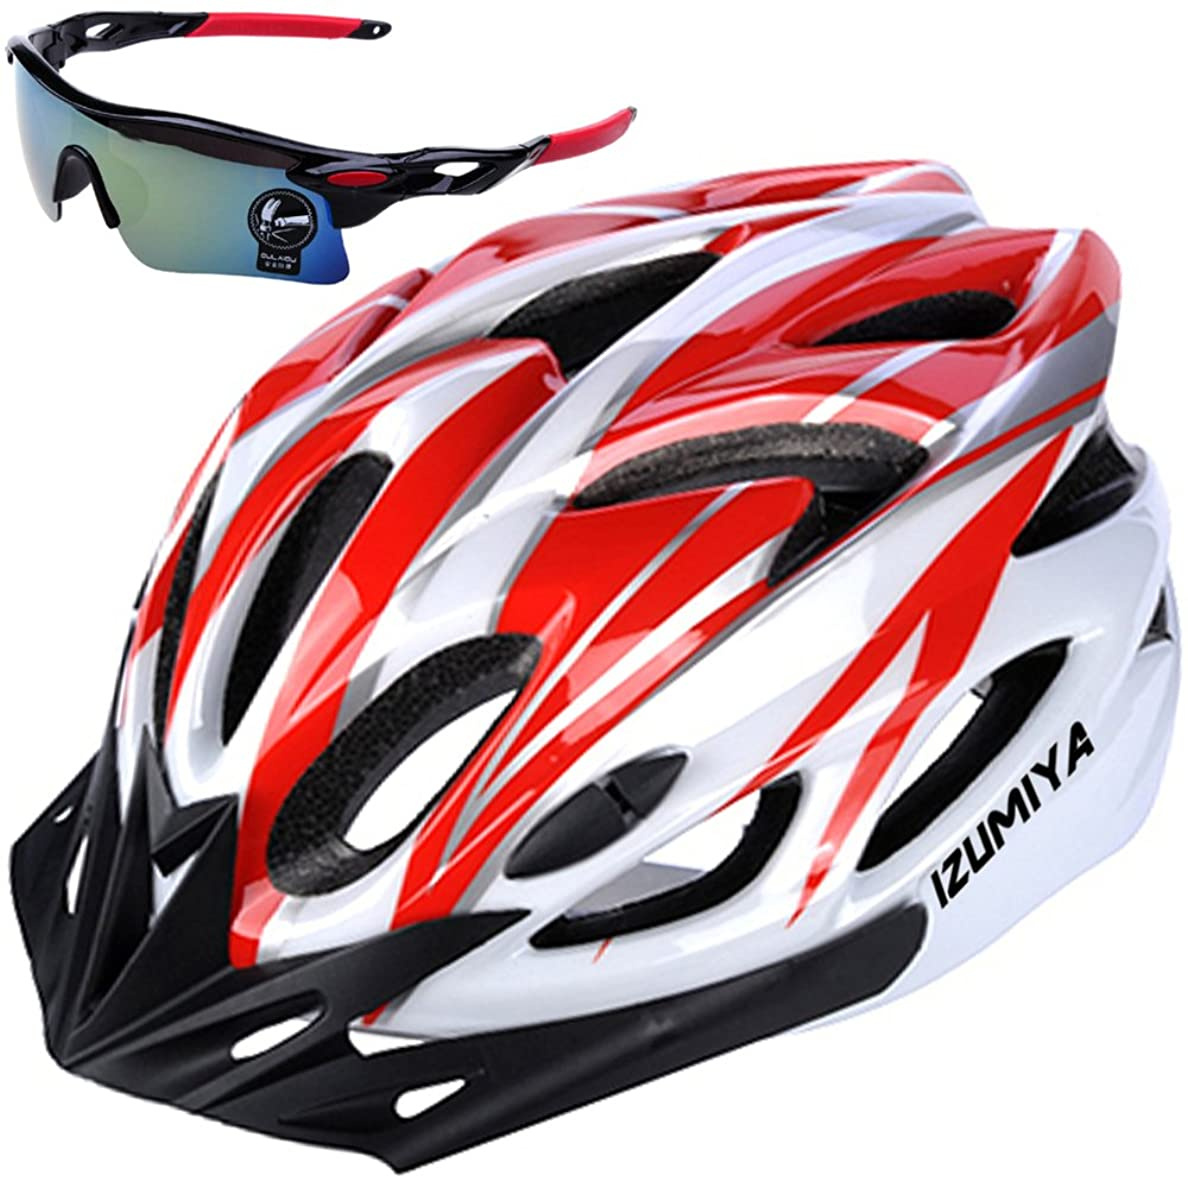 慈悲発掘するイブニングIZUMIYA 自転車 ヘルメット ロードバイク クロスバイク サイクリング 大人 超軽量 高剛性 大人用 サングラス セット